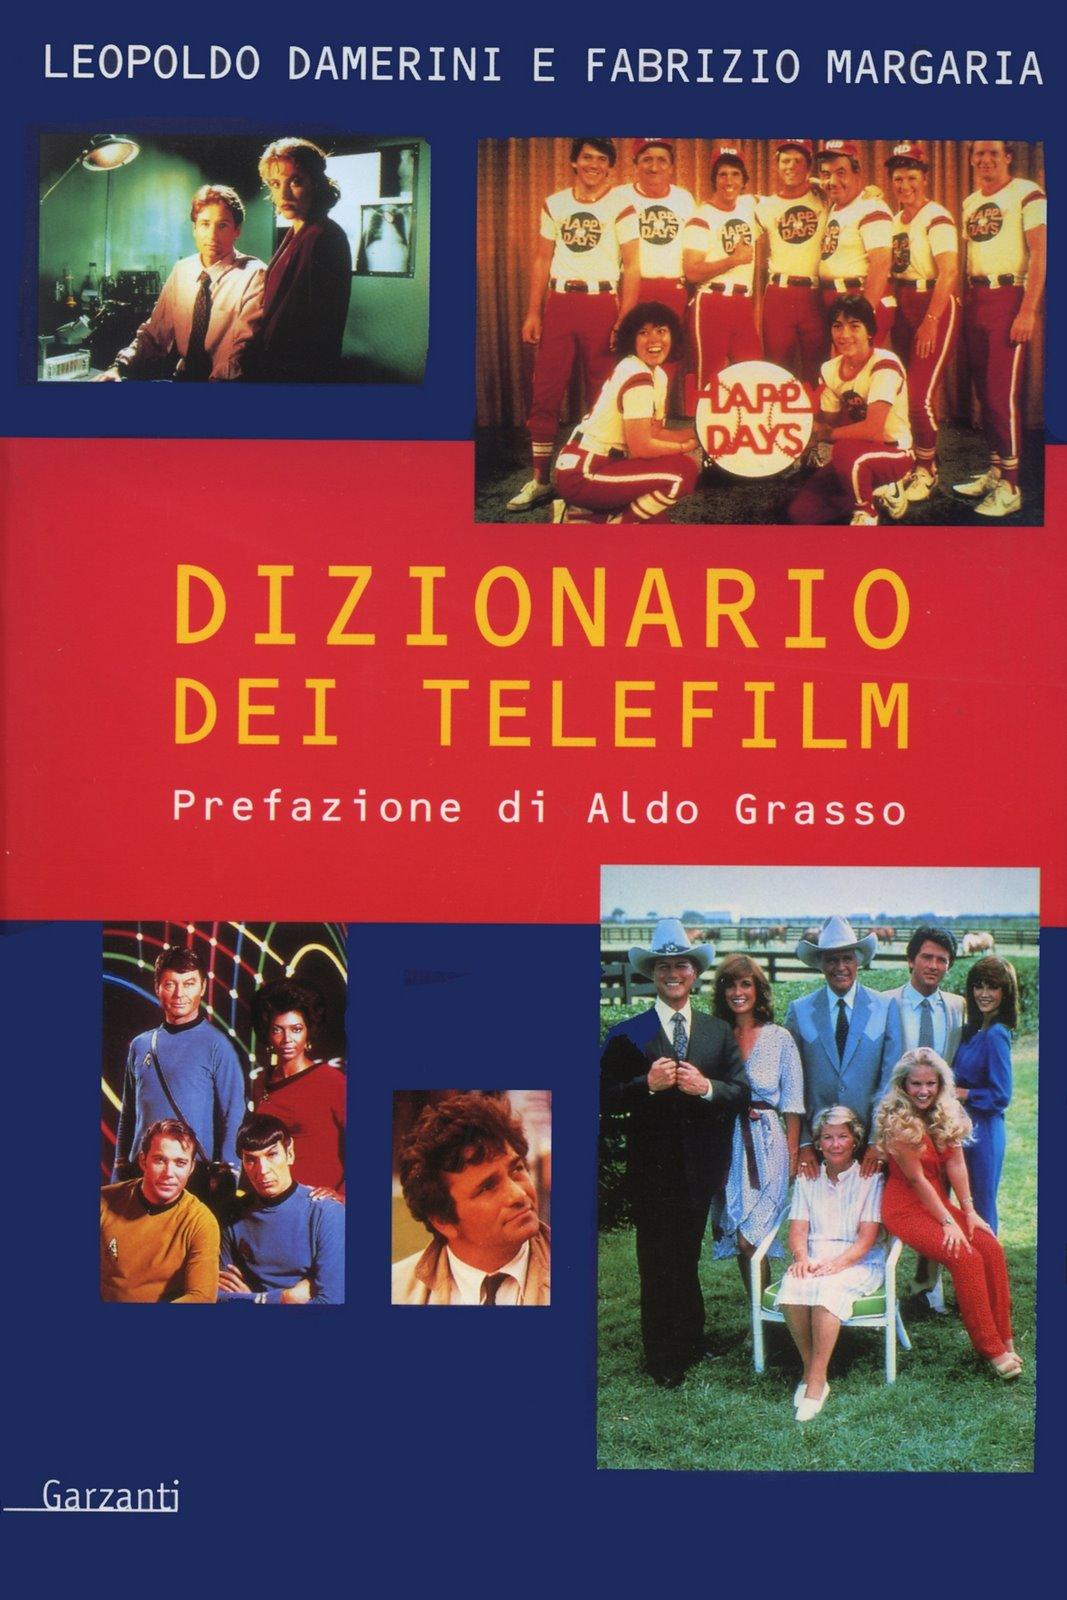 http://1.bp.blogspot.com/_TrH6fbB7krQ/SYckoo2lsTI/AAAAAAAAGj4/AOU4D0UBpug/S1600-R/Foto%2BDizionario%2Bdei%2BTelefilm%2B(2001).JPG